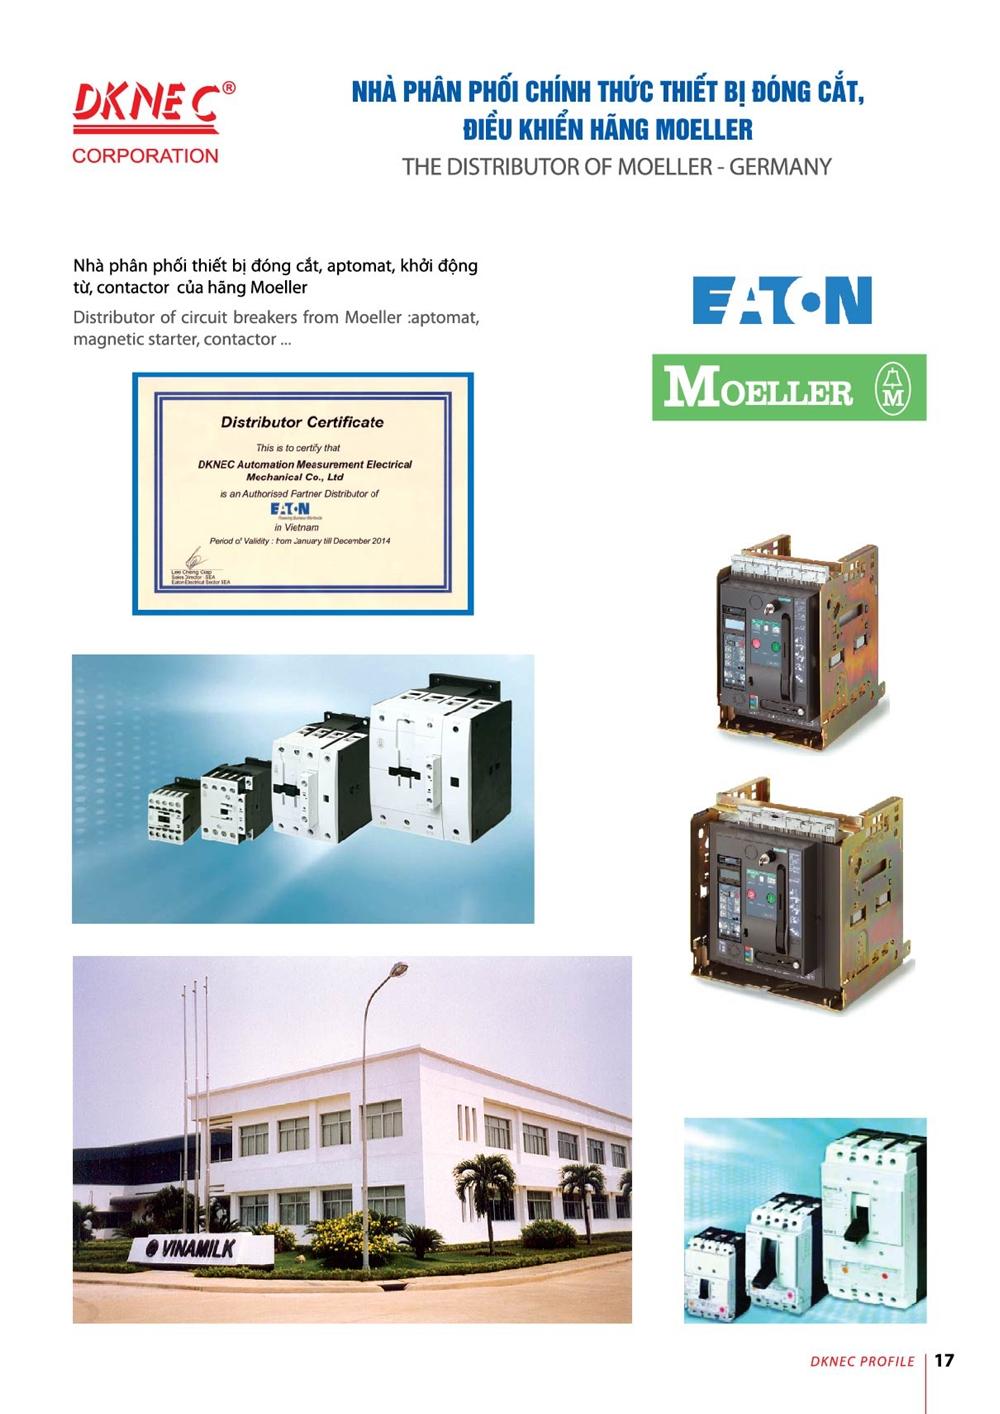 Công Ty TNHH Cơ Điện Đo Lường Tự Động Hóa DKNEC | ở tại Hà Nội